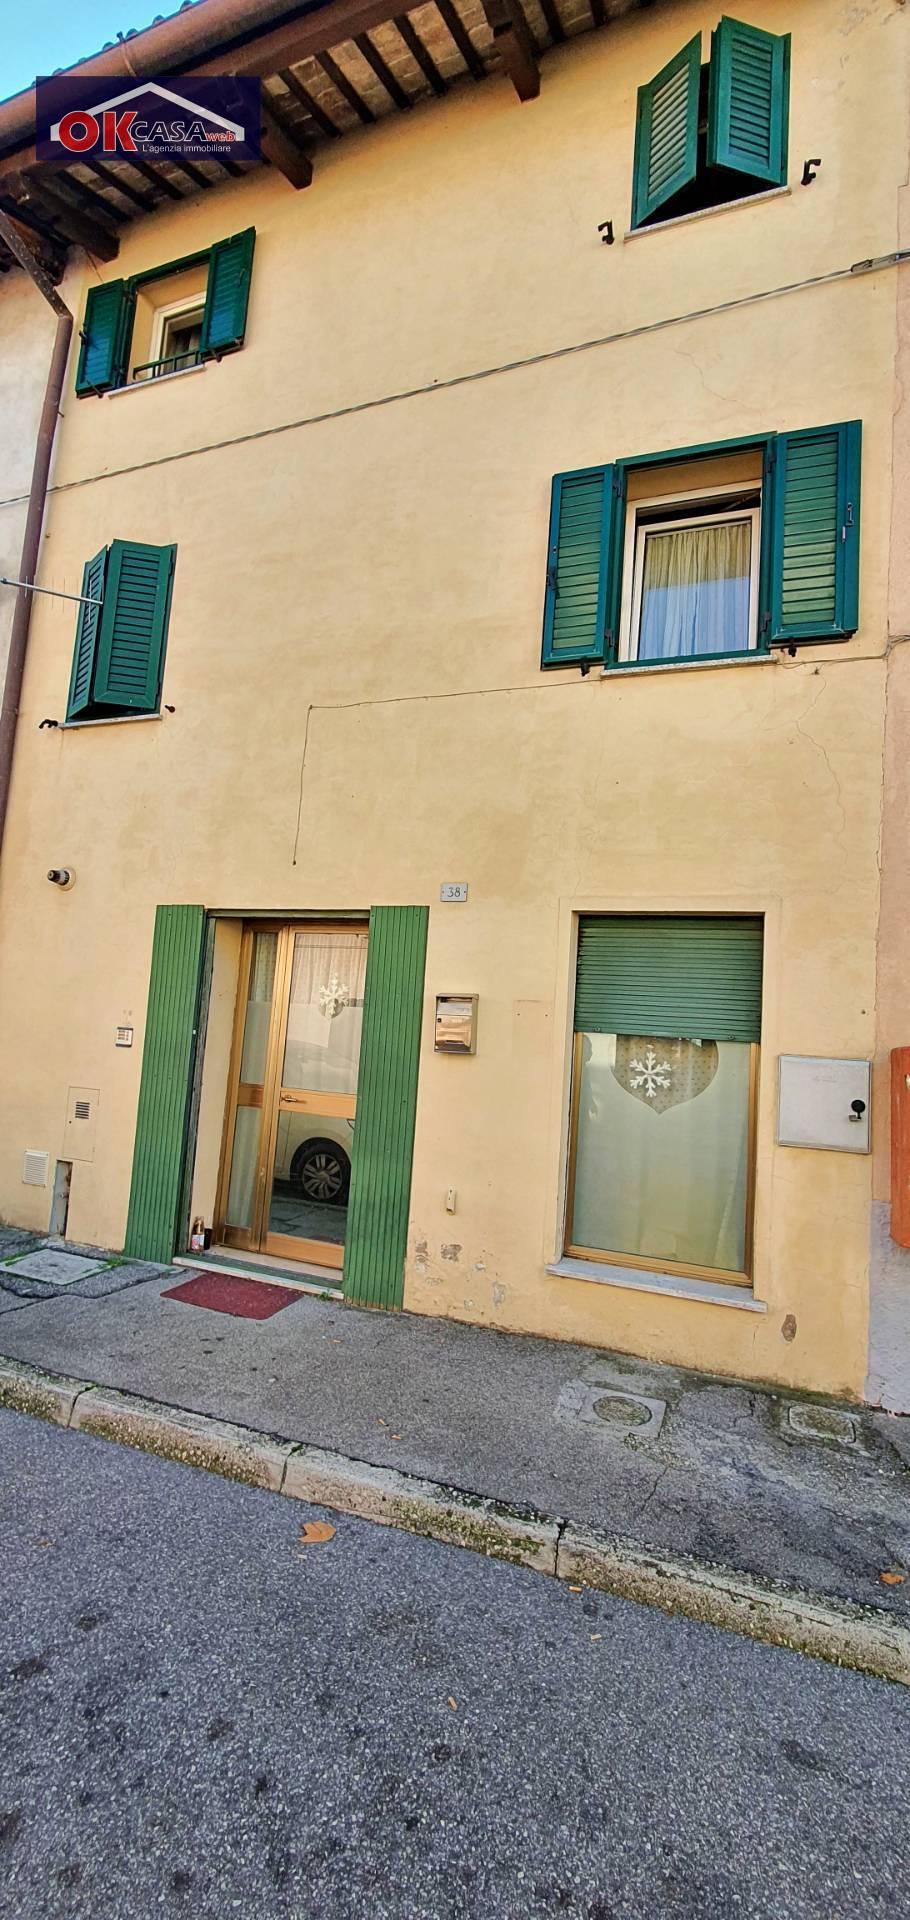 Immobile | Gorizia, Ronchi dei Legionari, Via XXIV Maggio